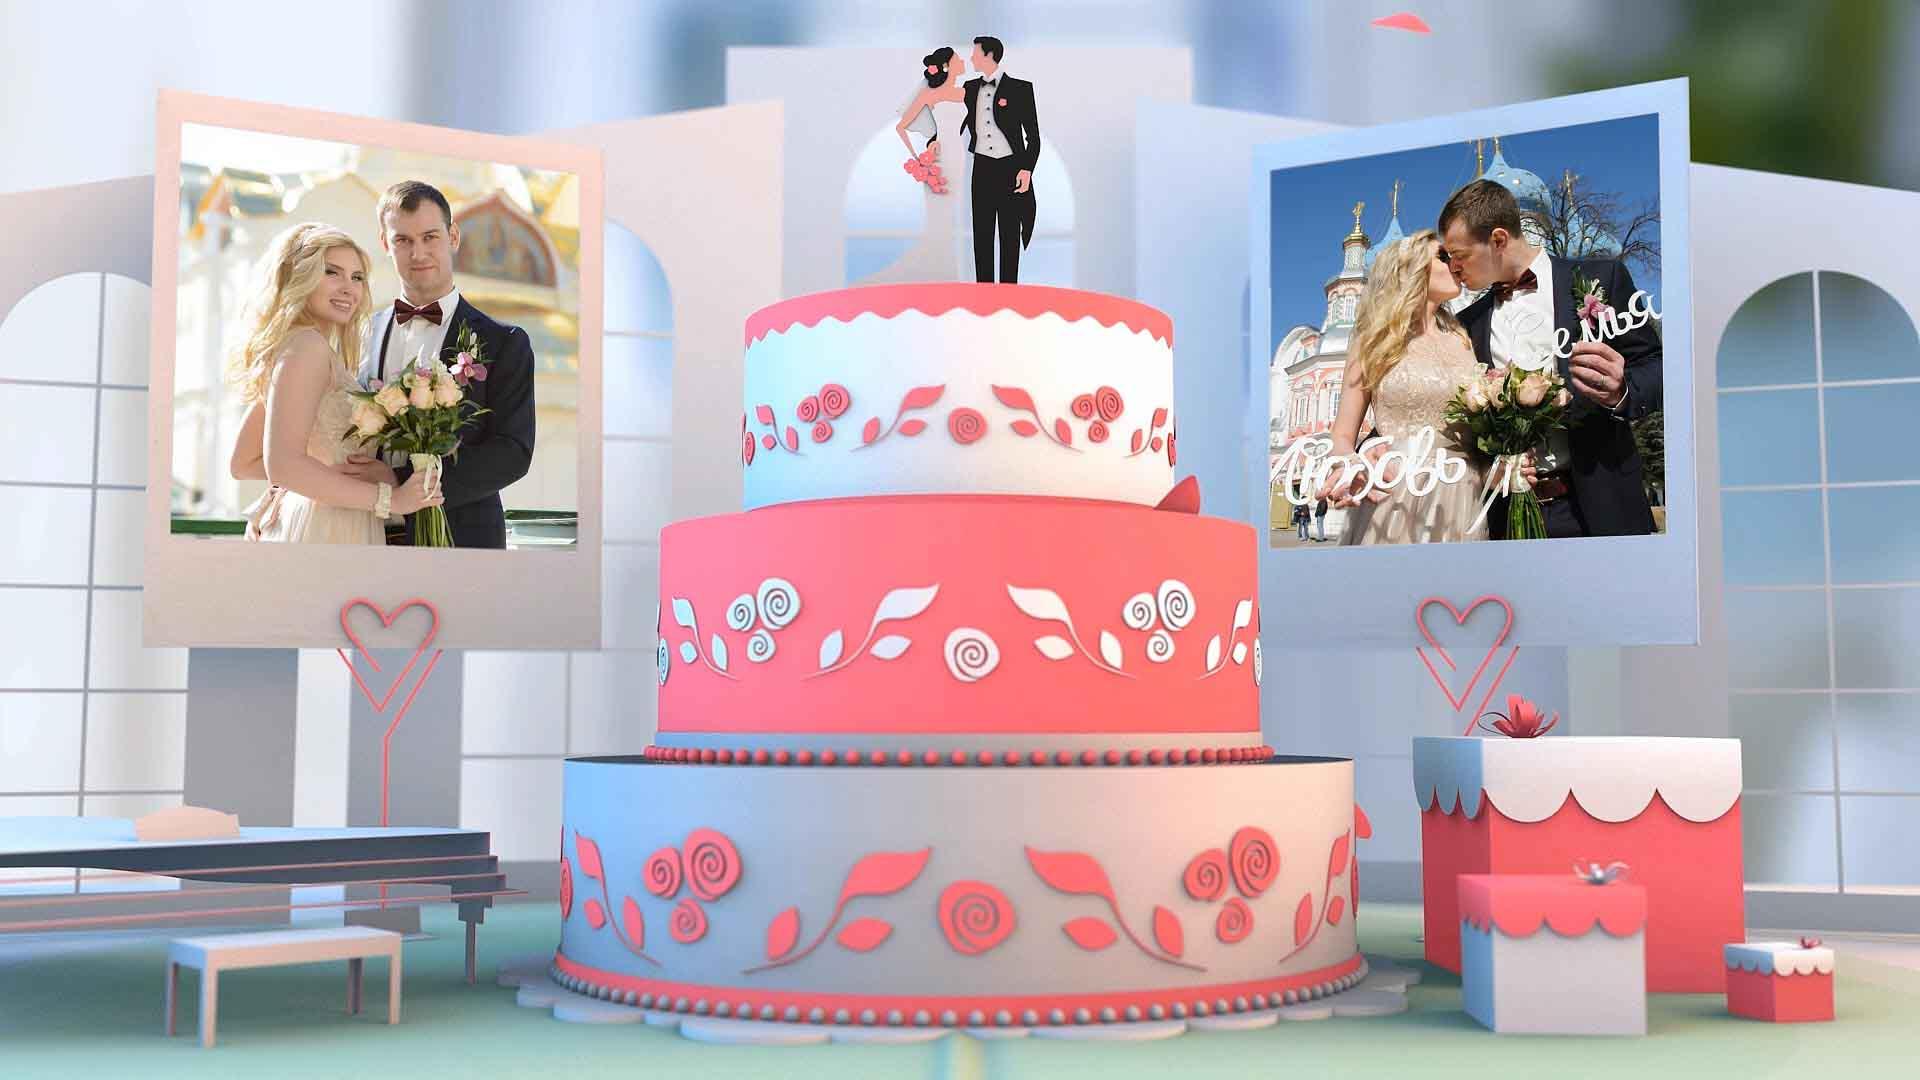 свадебный фотограф, фотосъемка свадьбы, фотограф на свадьбу, свадебная фотосессия, свадебная фотосъемка